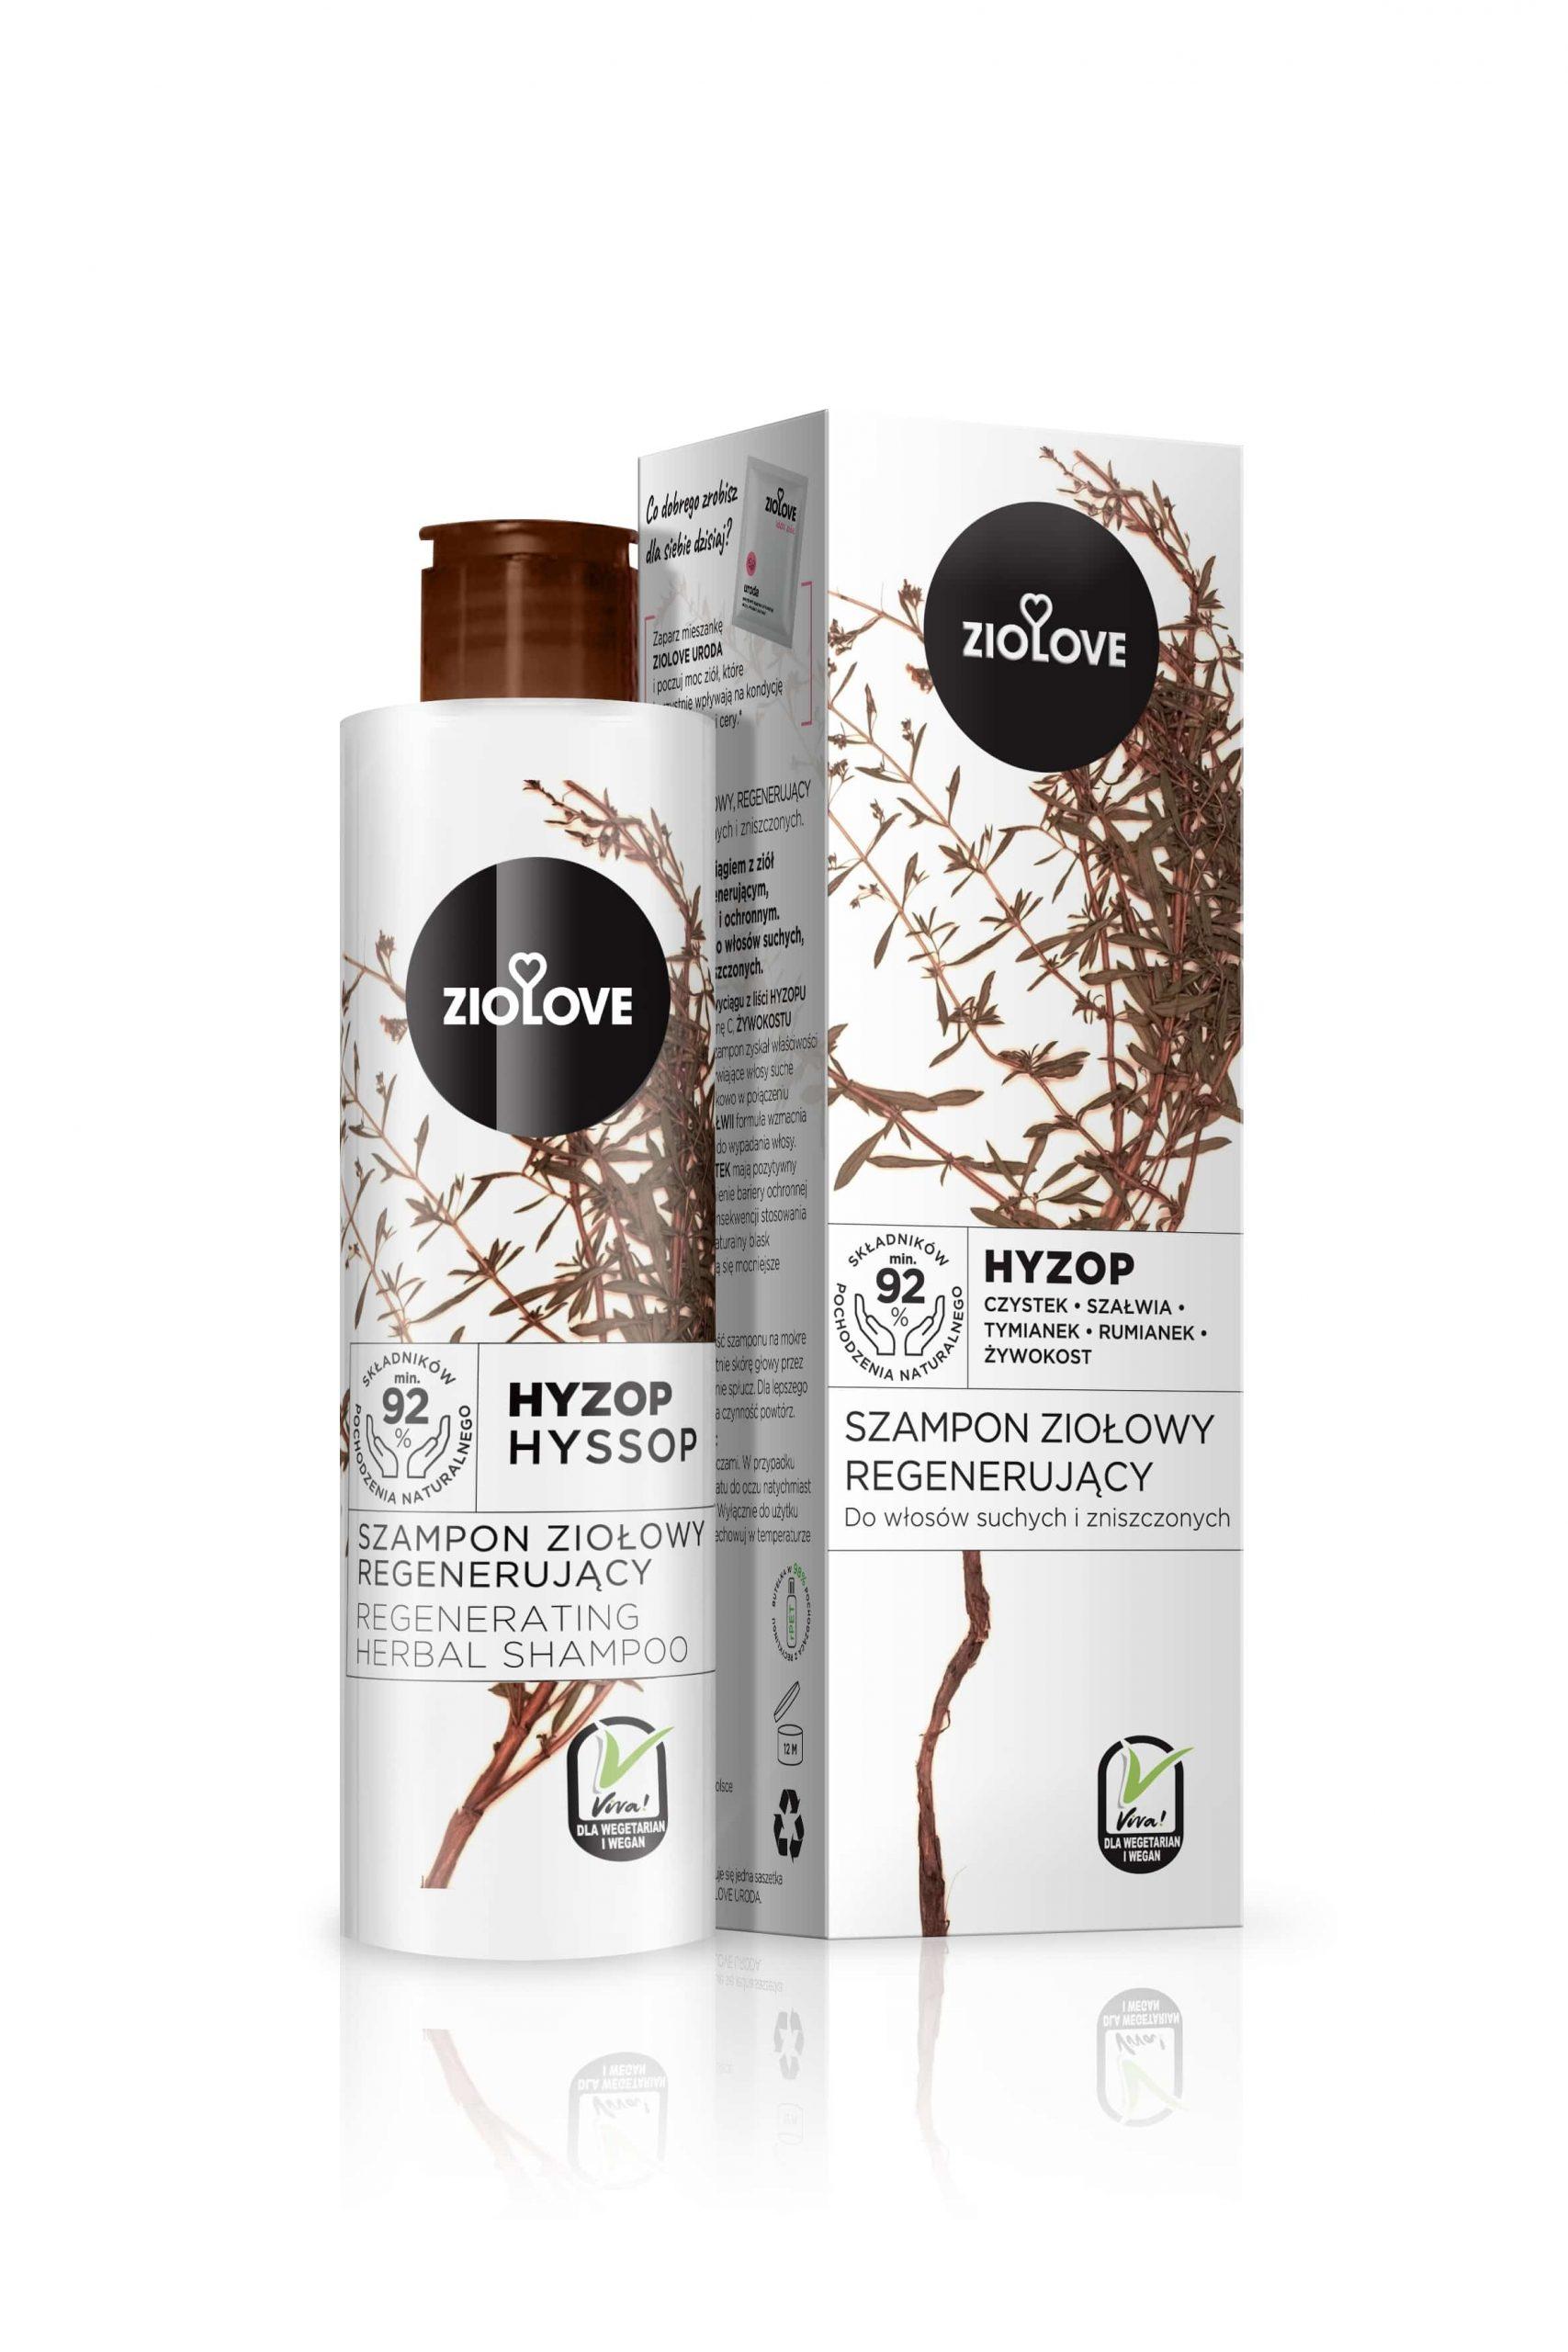 Szampon ziołowy Hyzop - Ziolove